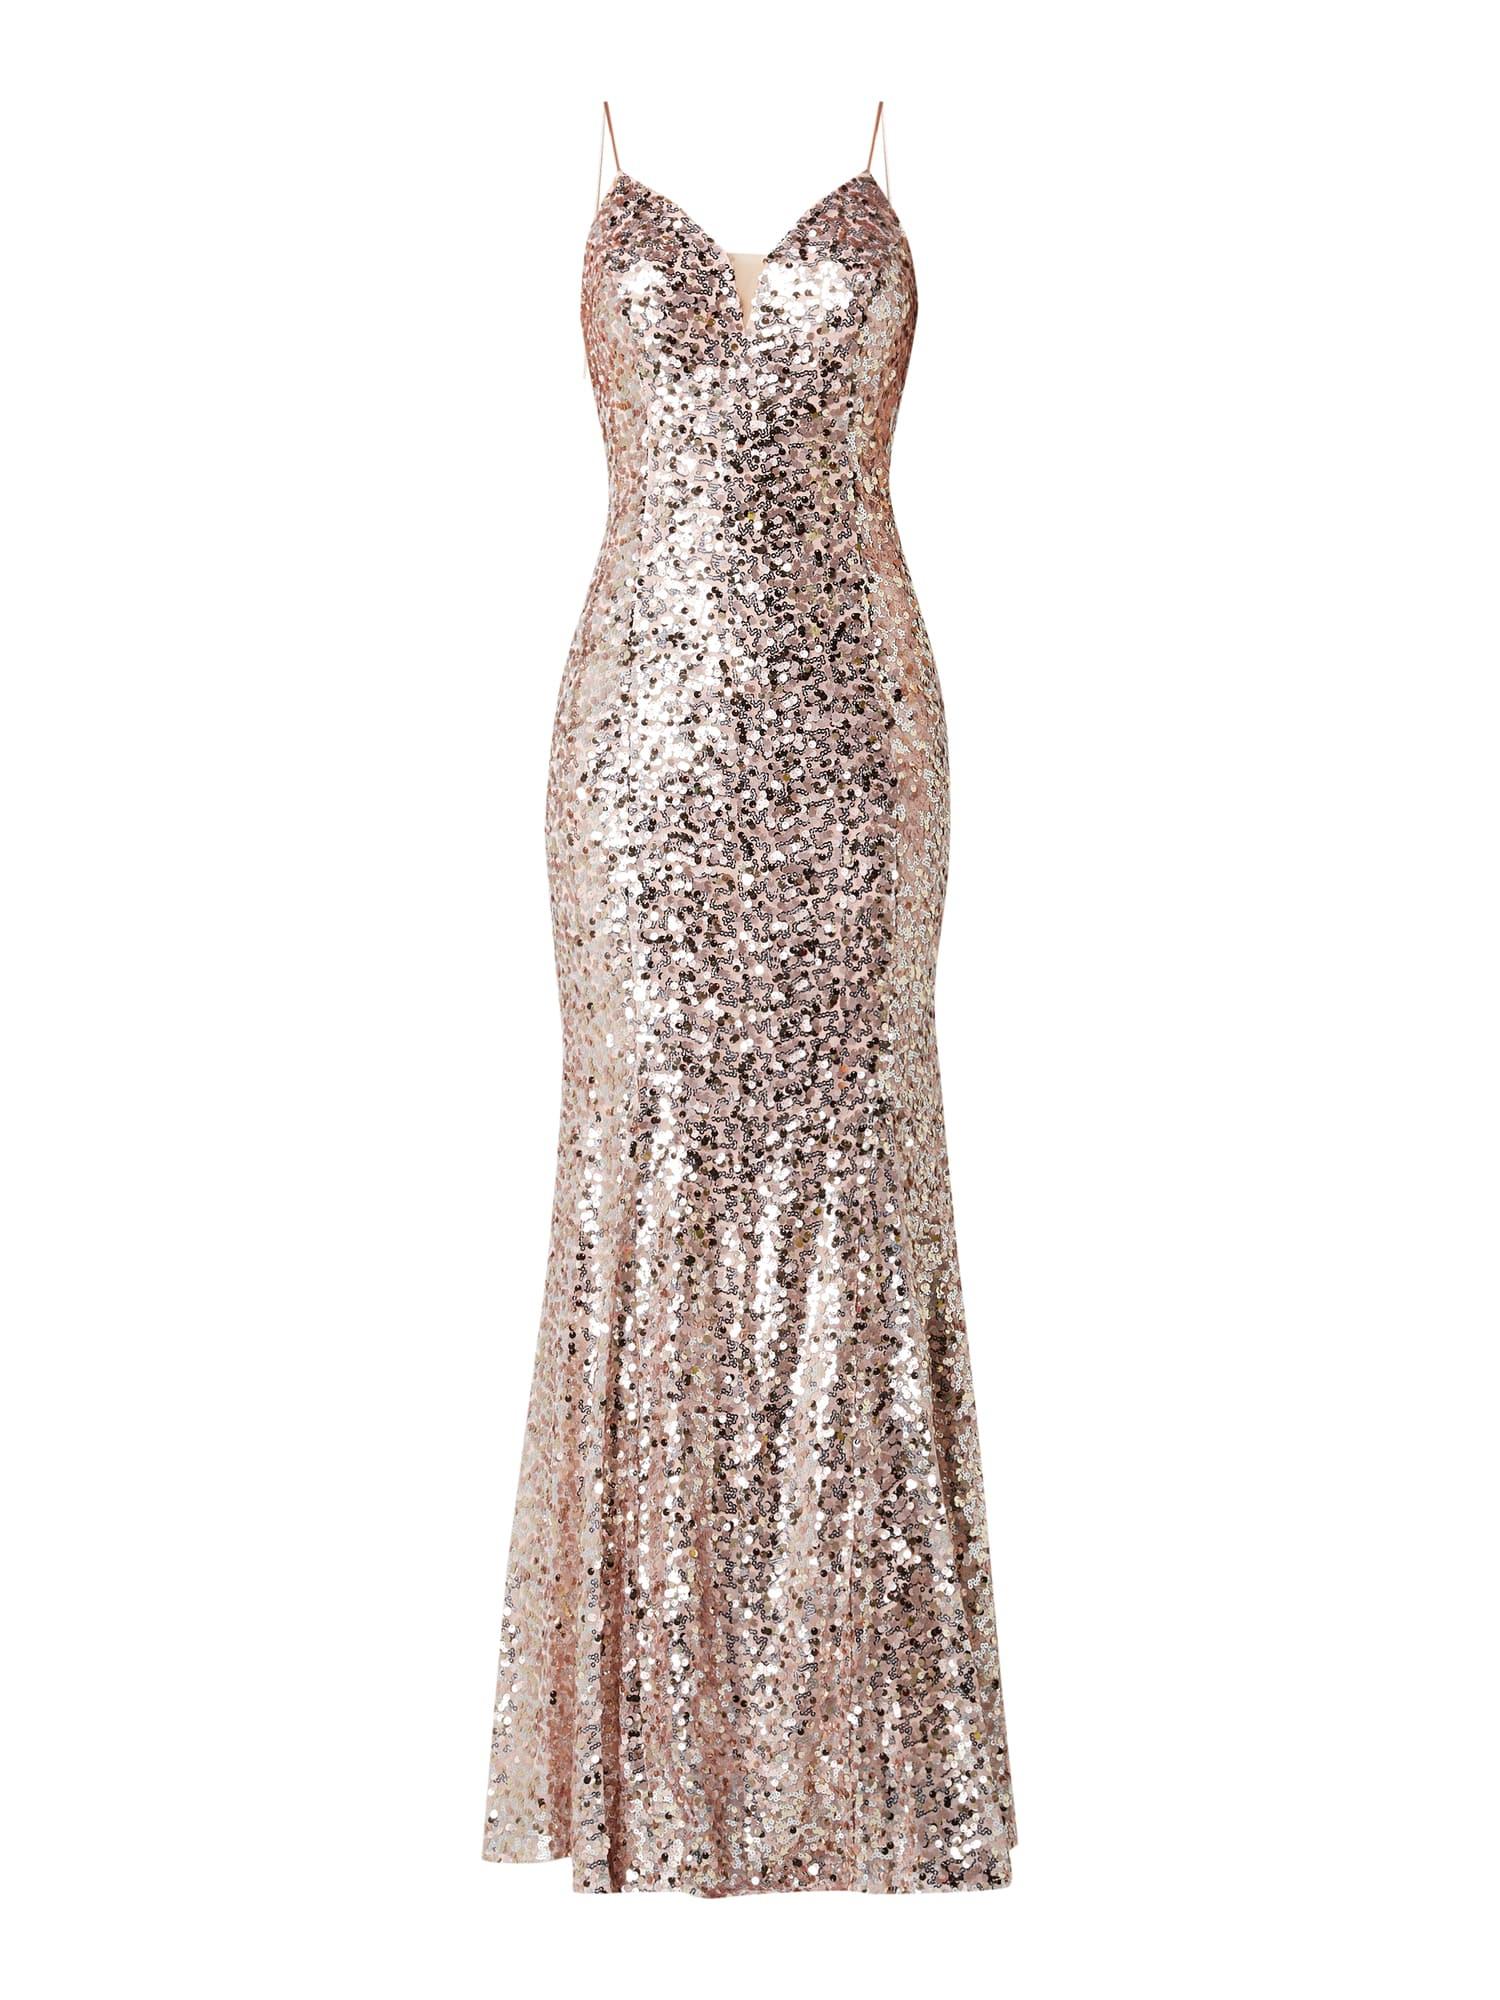 15 Schön Troyden Abendkleid DesignFormal Fantastisch Troyden Abendkleid Vertrieb